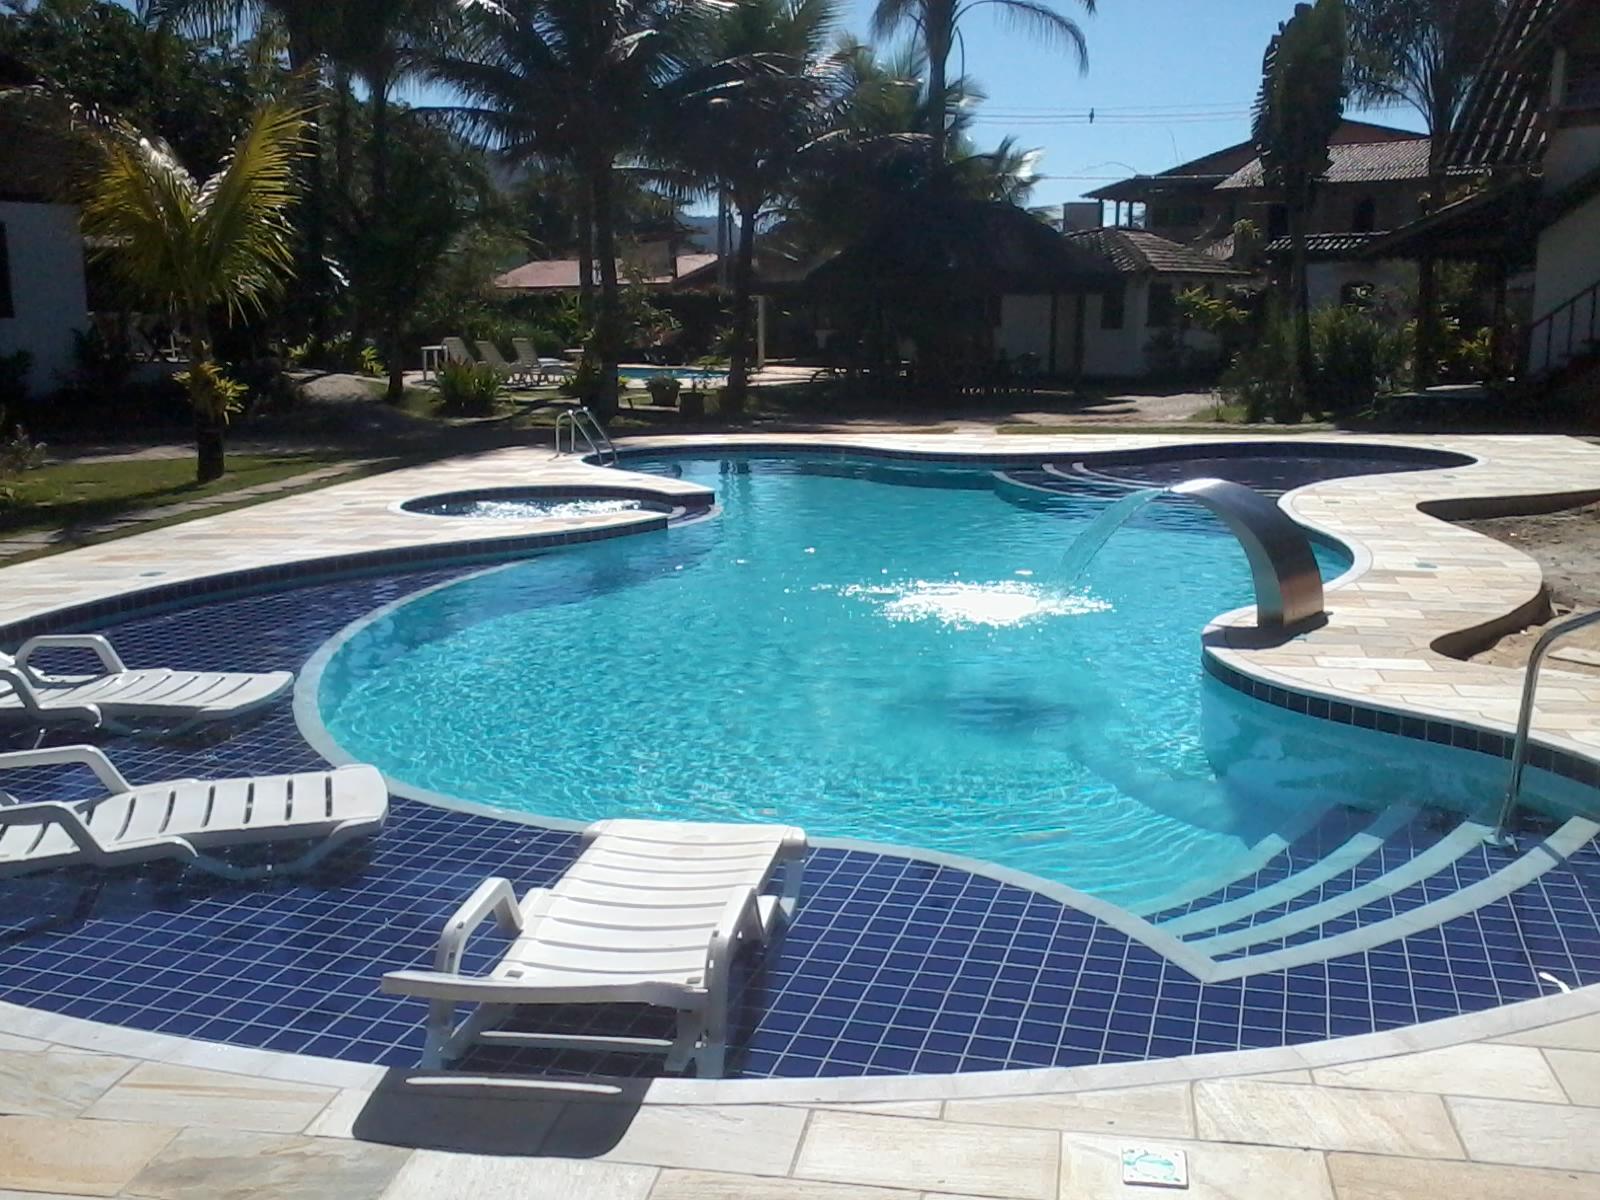 Piscina de concreto armado passo a passo for Fabrica de piscinas